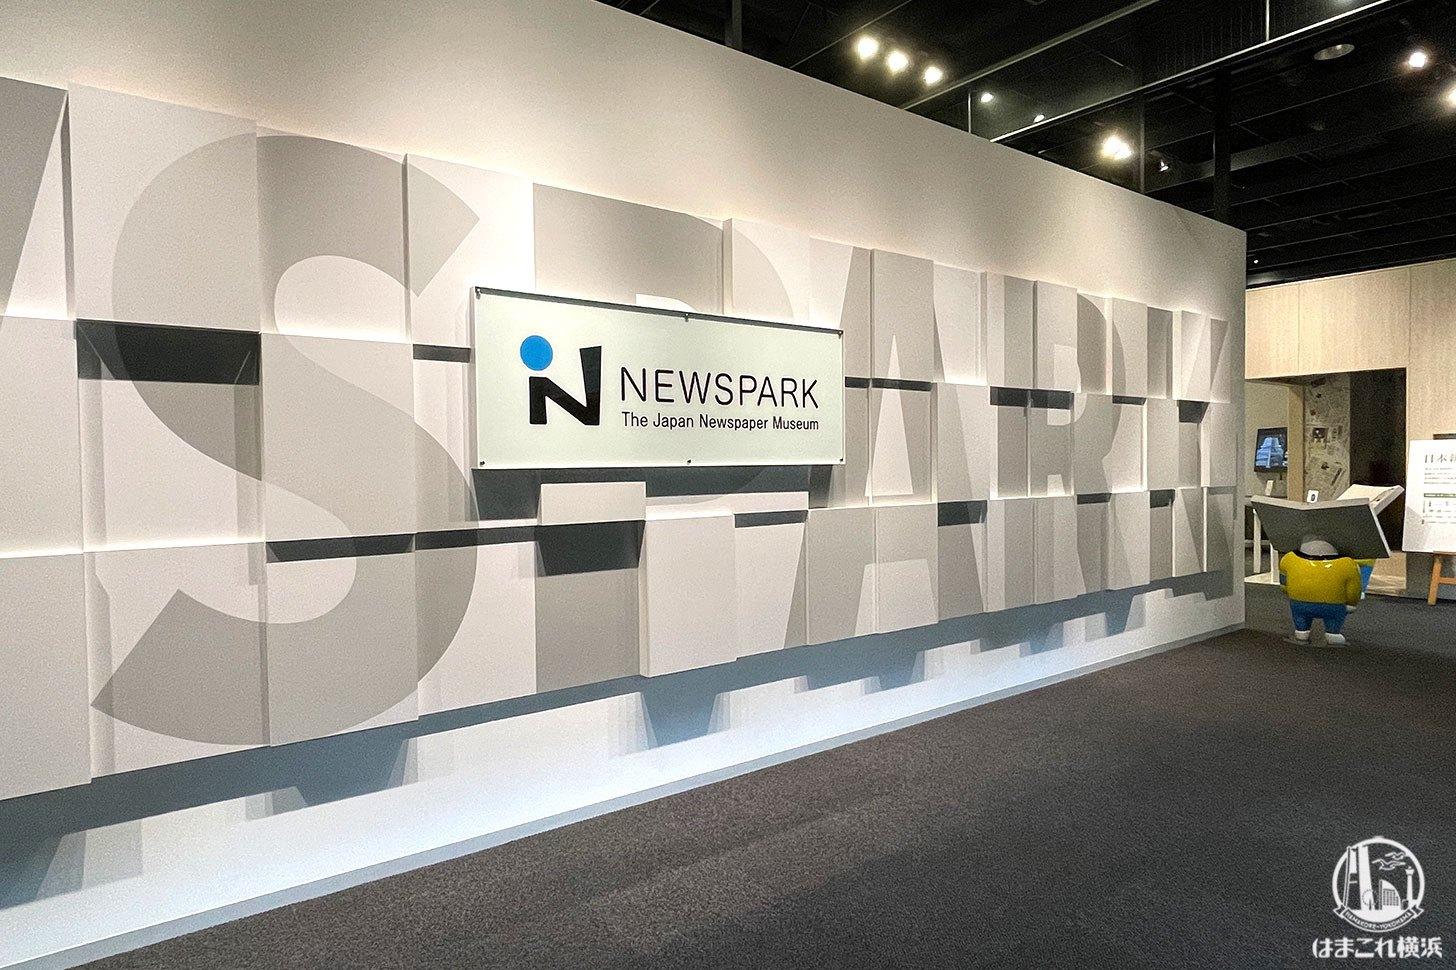 ニュースパーク 常設展示